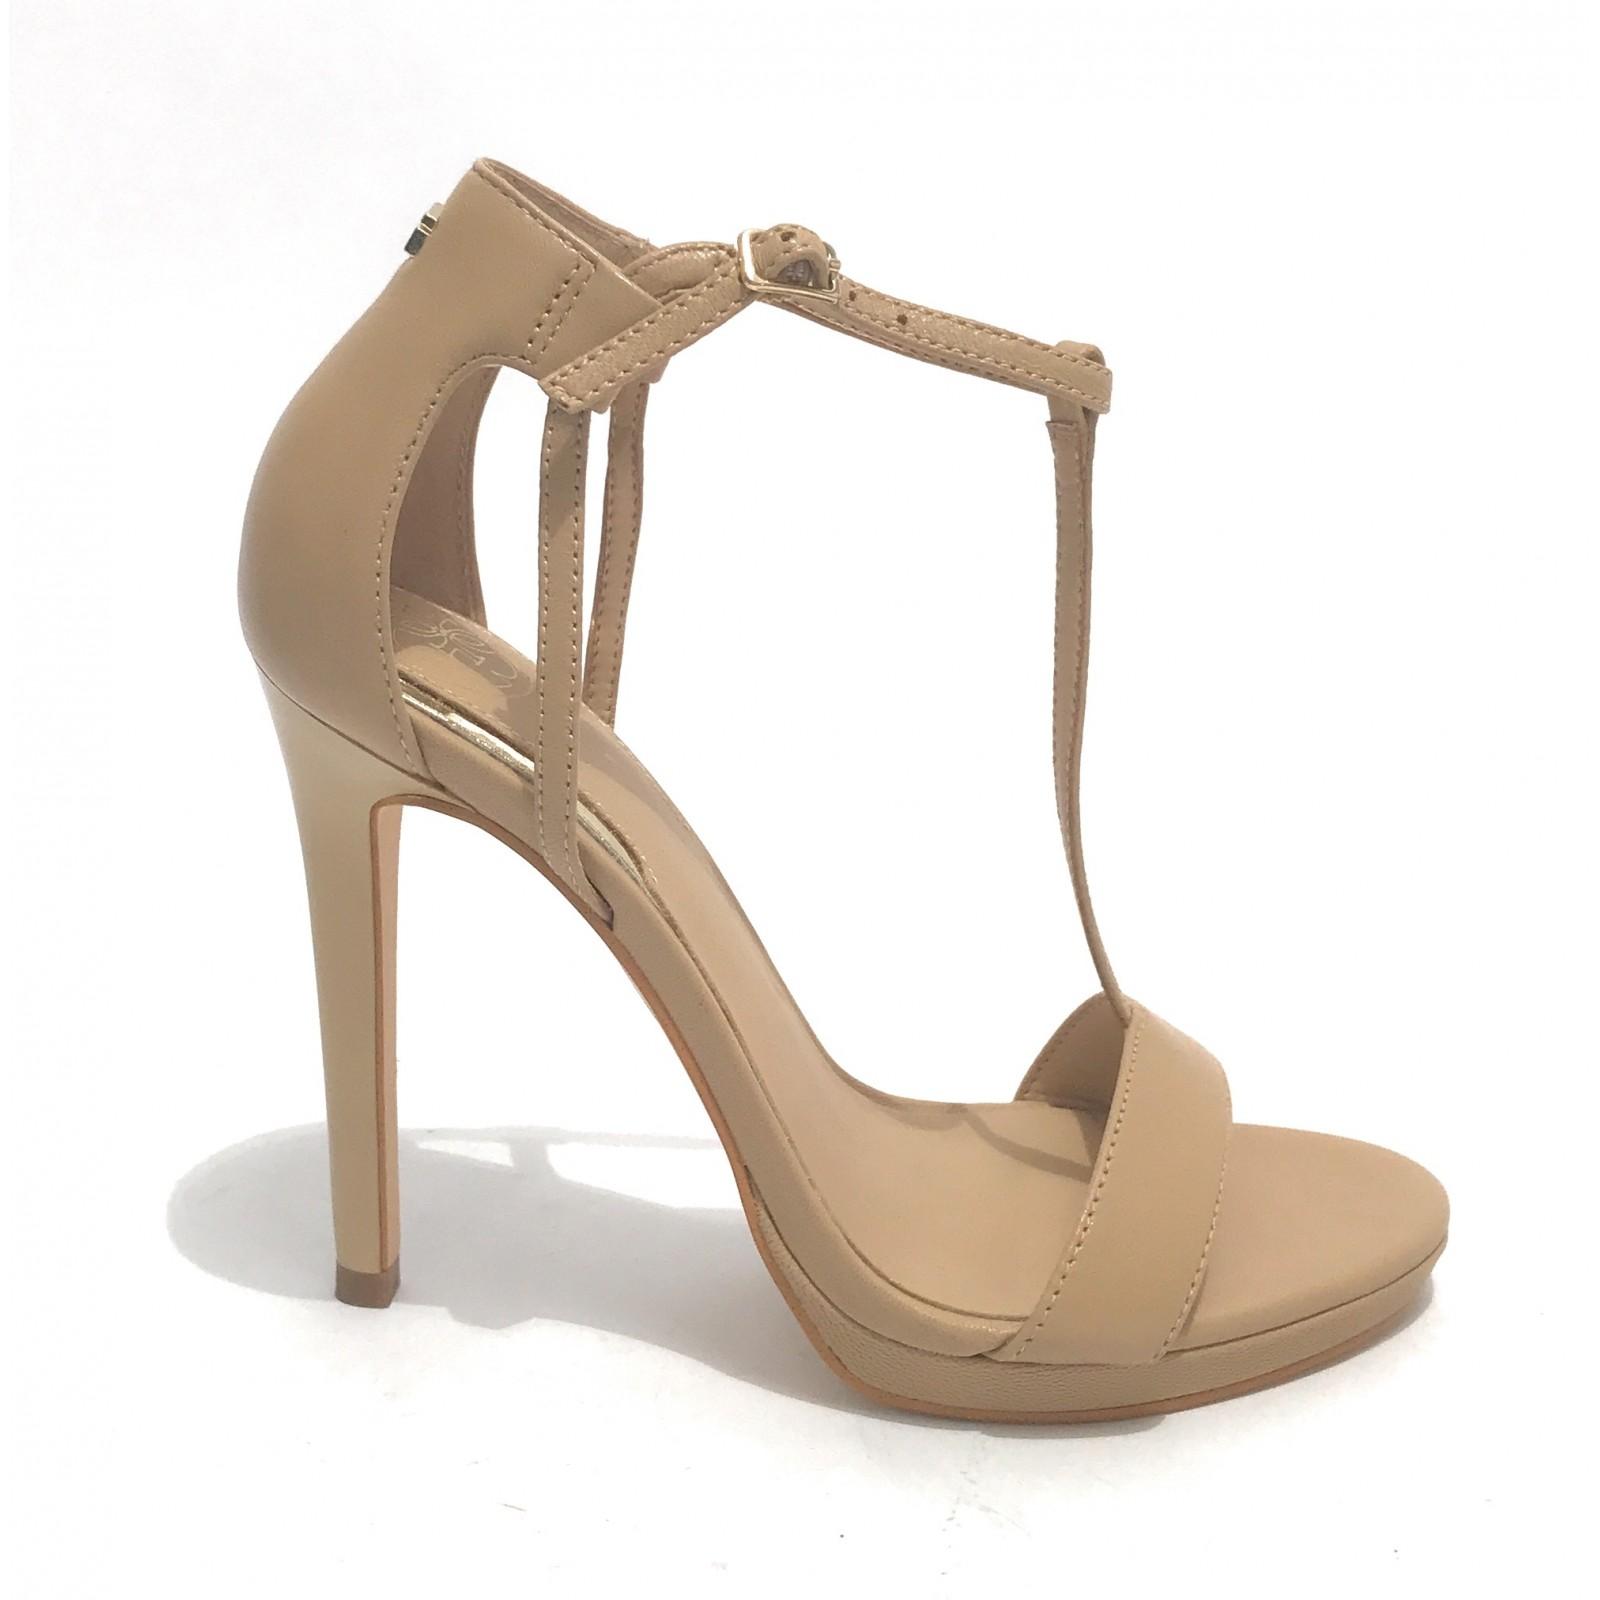 Scarpe Guess sandalo con tacco tc 110 mod Tecru in pelle